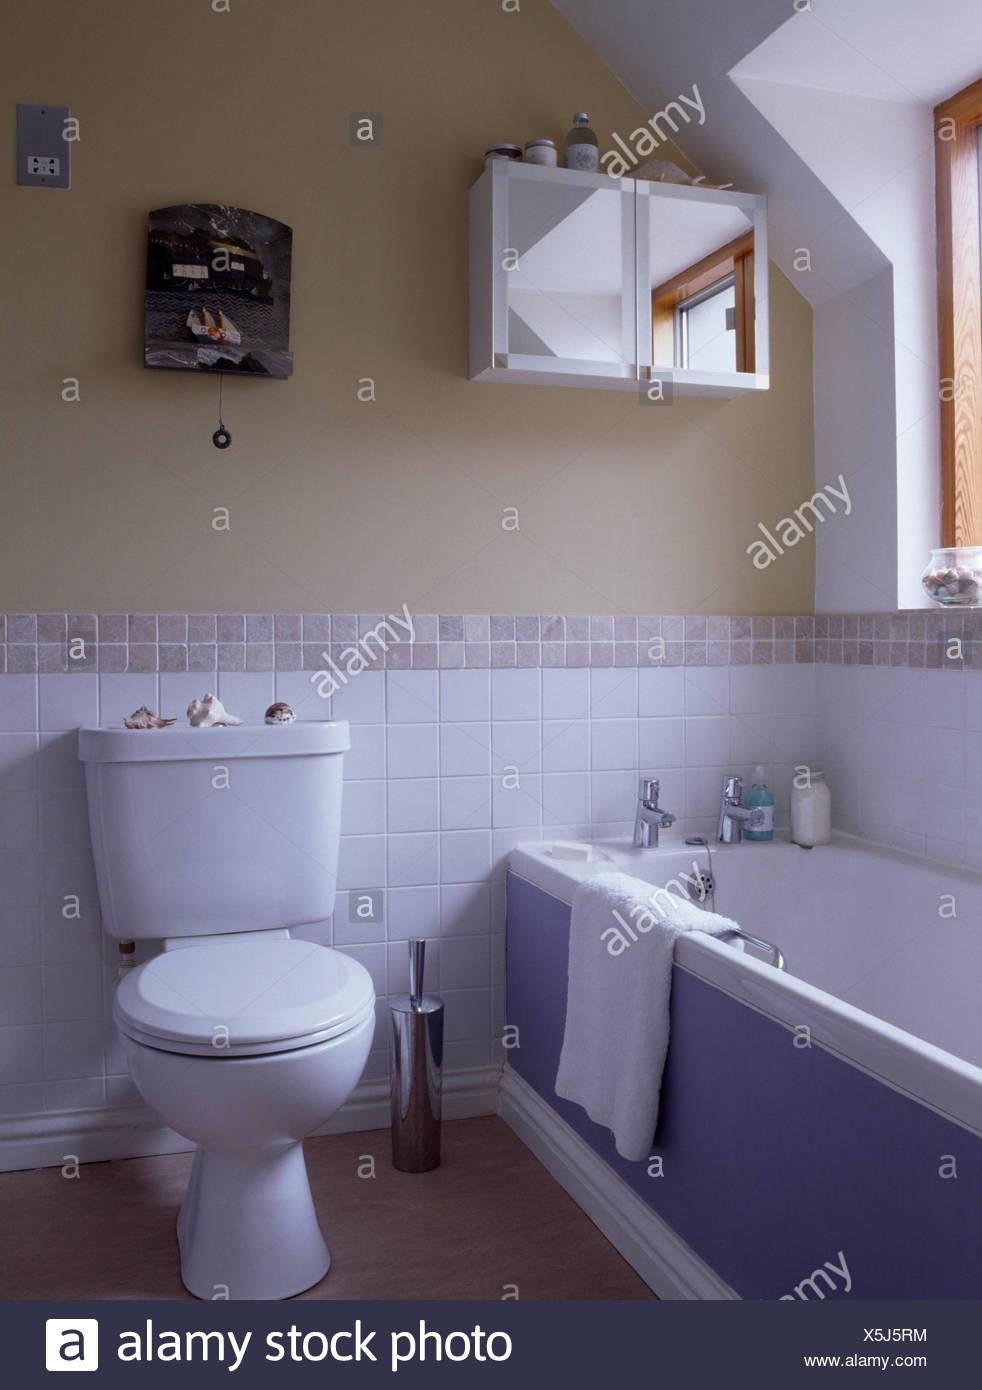 Toilette Und Bad Mit Lila Panel In Kleinen Bad Mit Weissen Fliesen